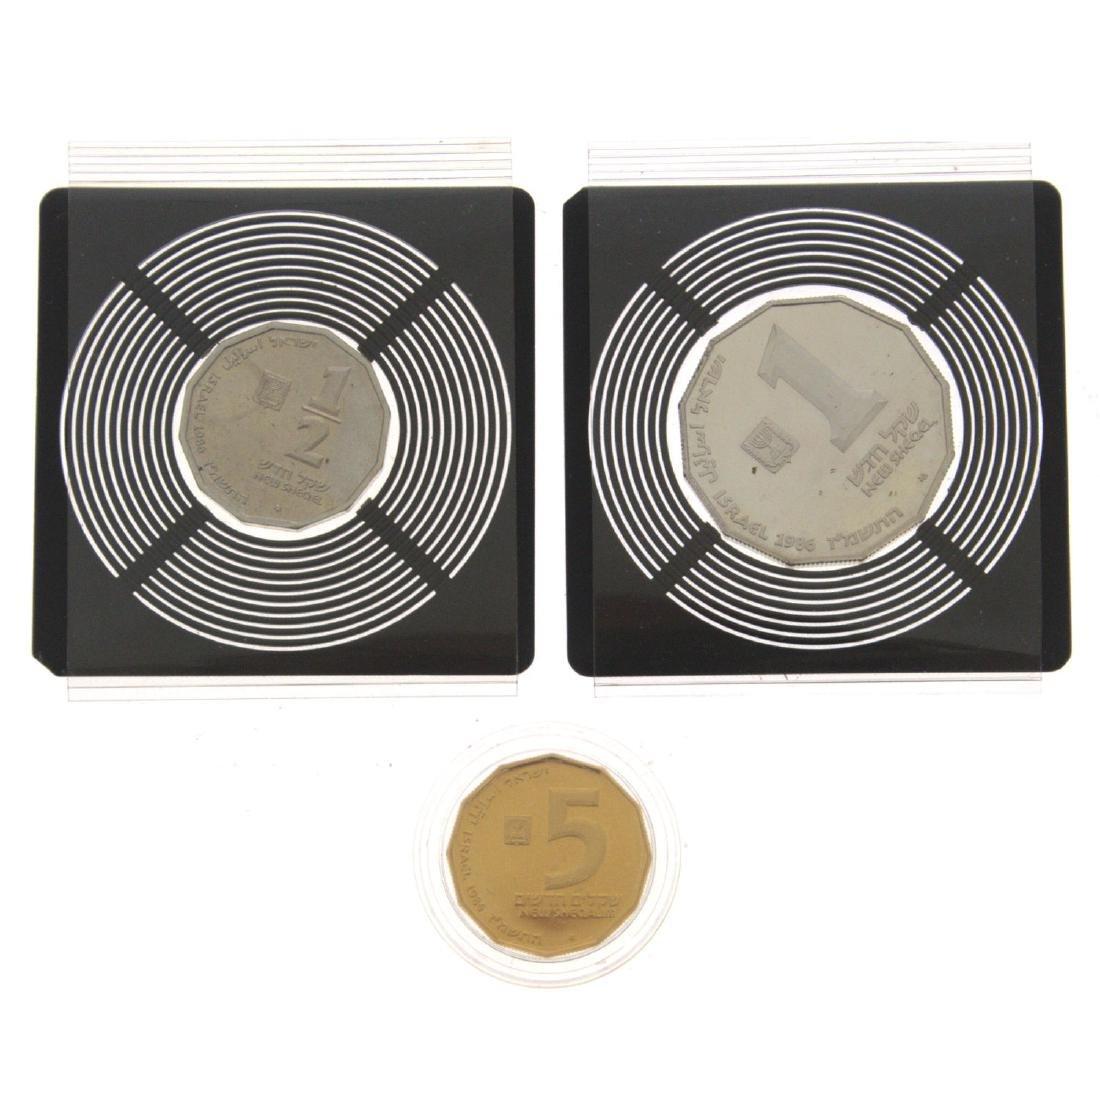 Akko Gold and Silver Coin Set.